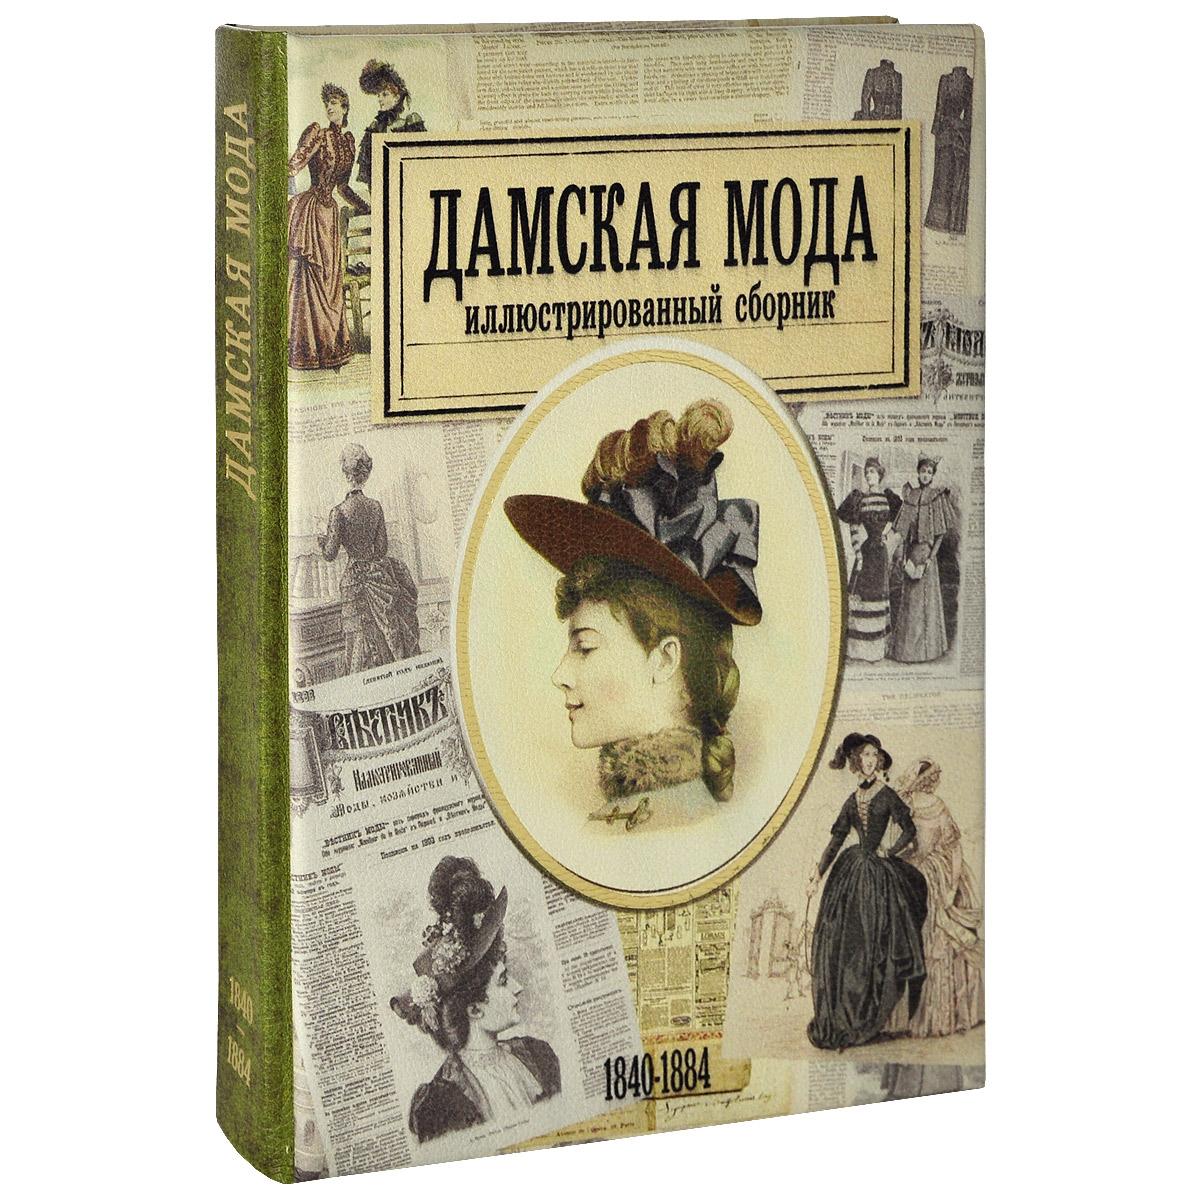 Дамская мода. Иллюстрированный сборник. 1840-1884 (эксклюзивное подарочное издание)